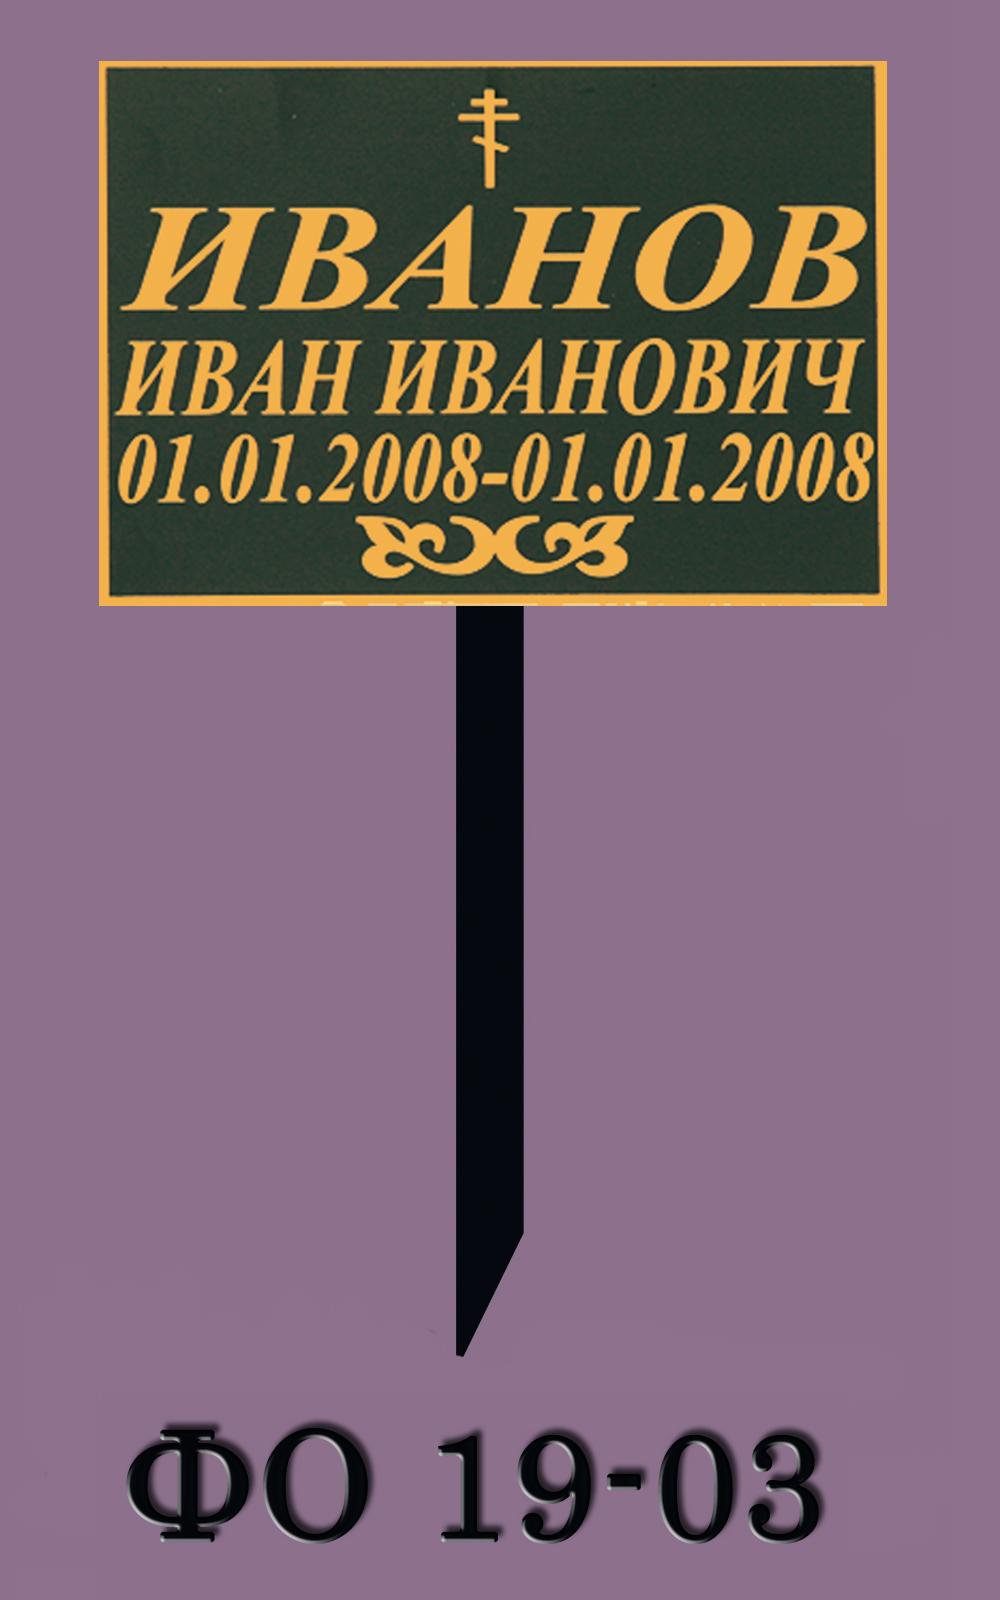 Табличка на штыре  (металлическая) ФО19-03